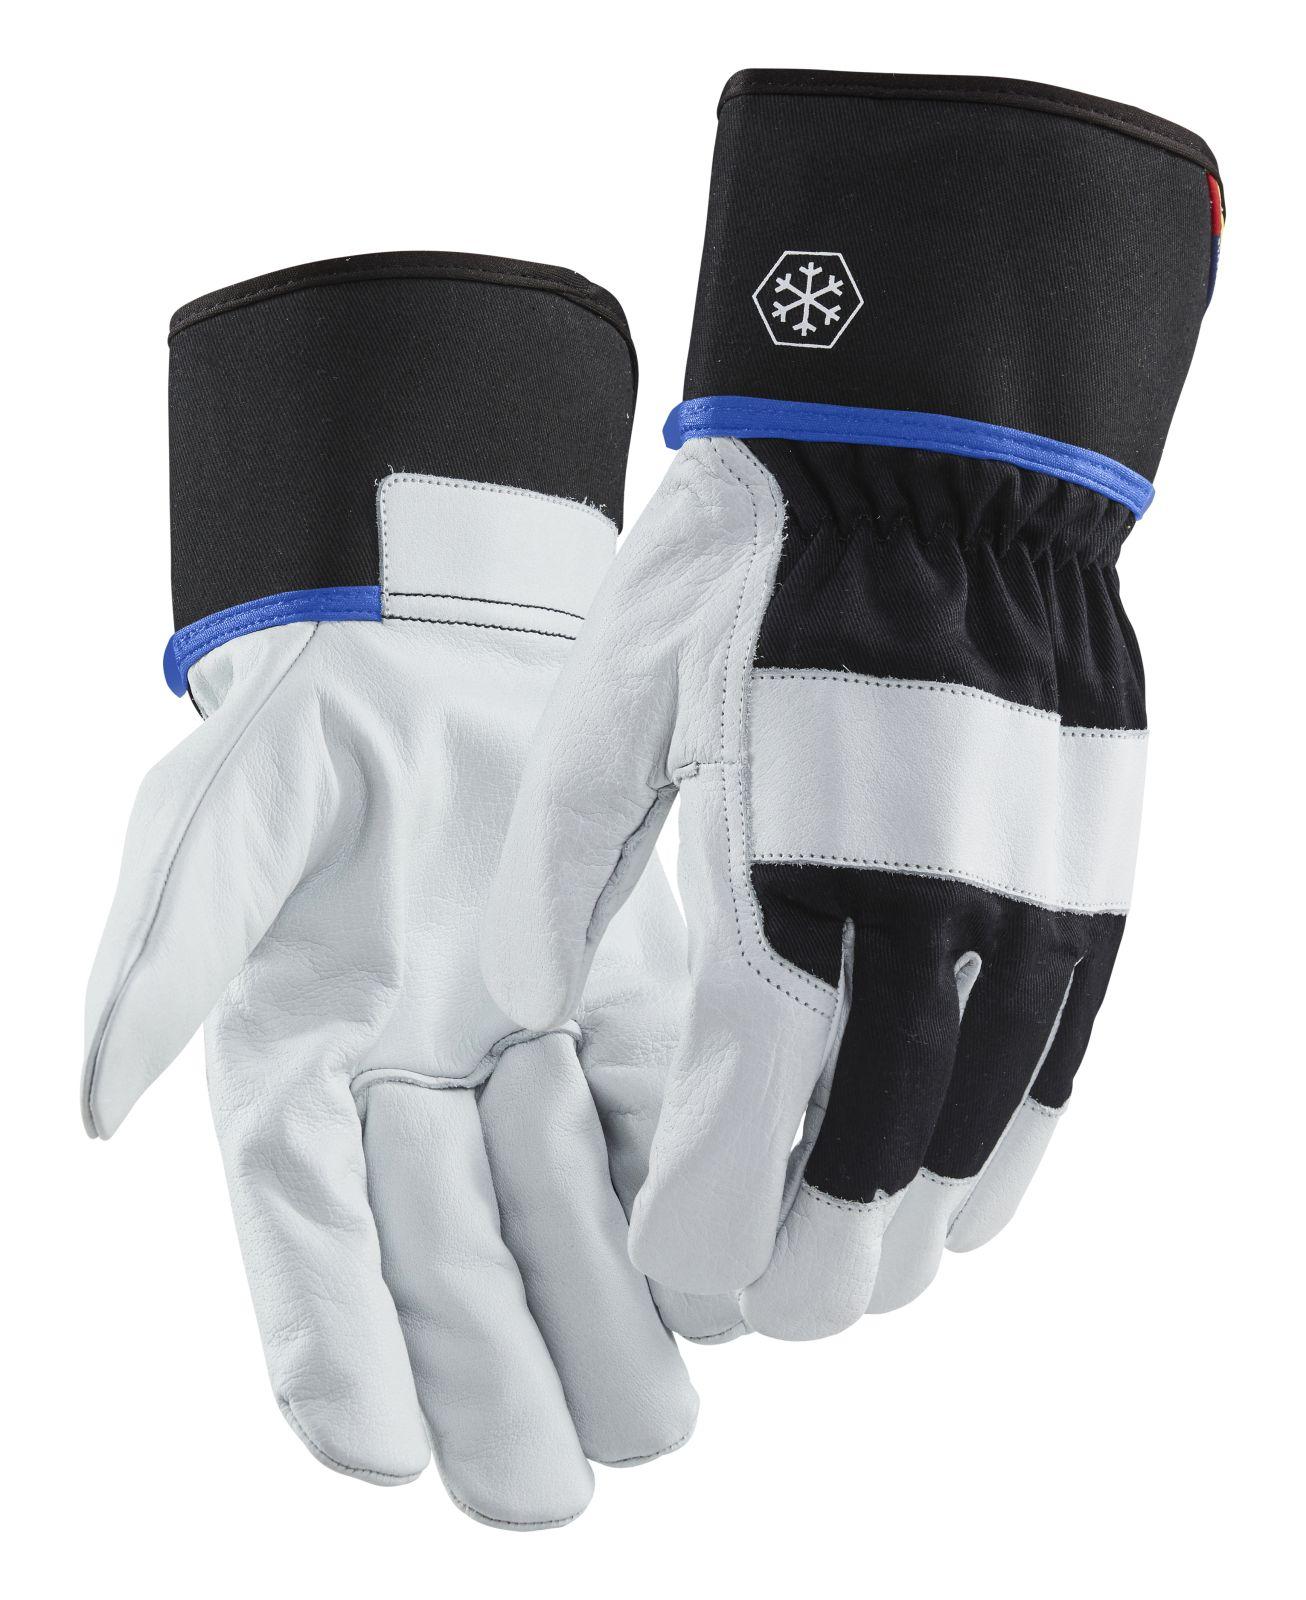 Blaklader Handschoenen 22883900 zwart-wit(9910)